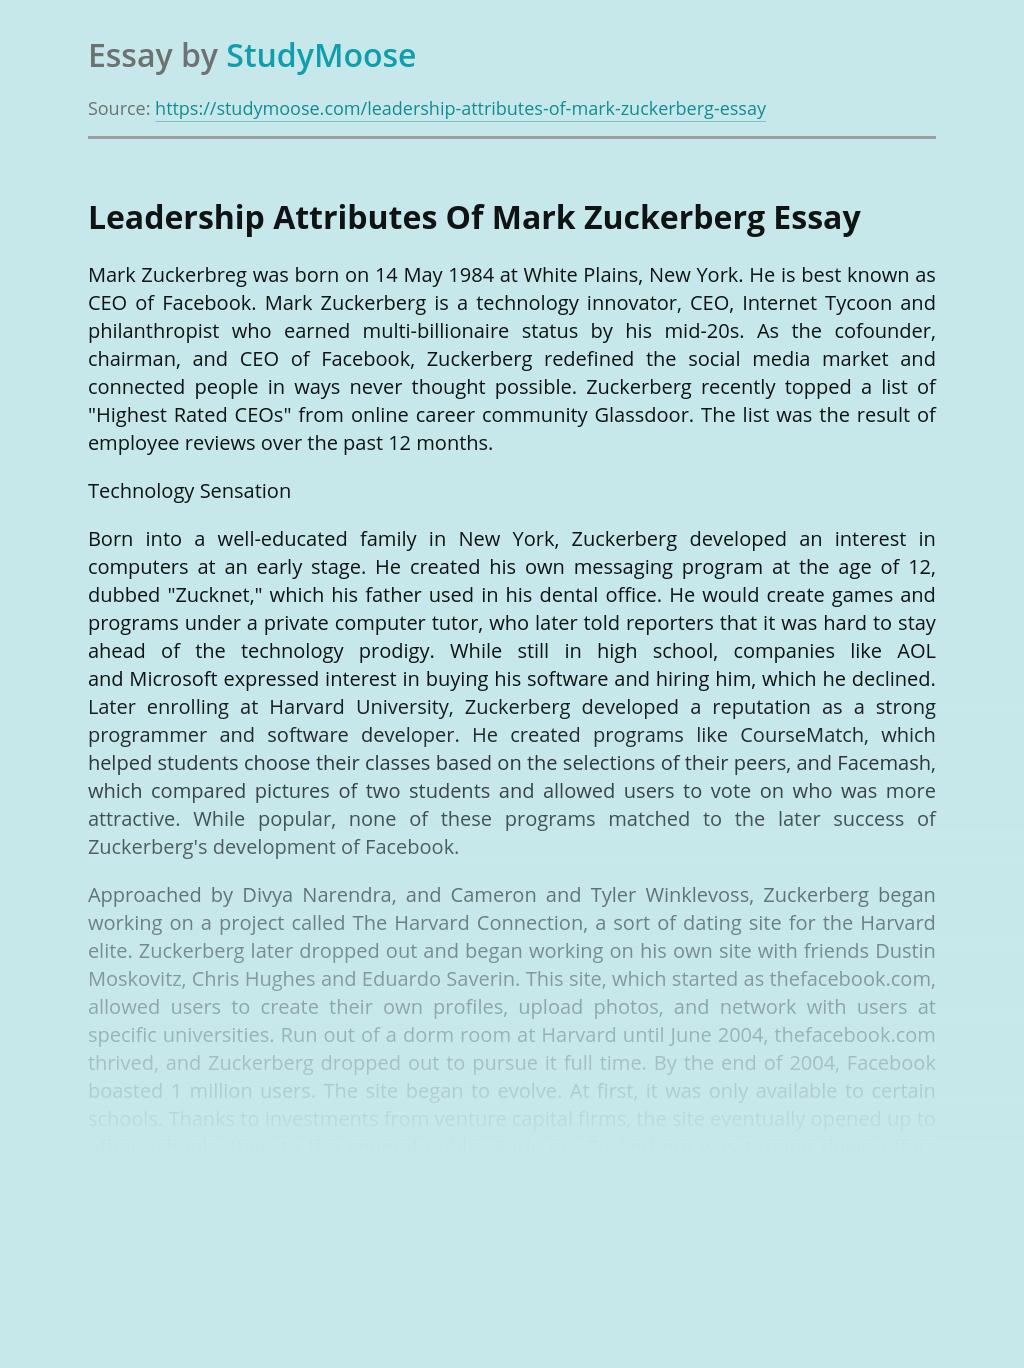 Leadership Attributes Of Mark Zuckerberg